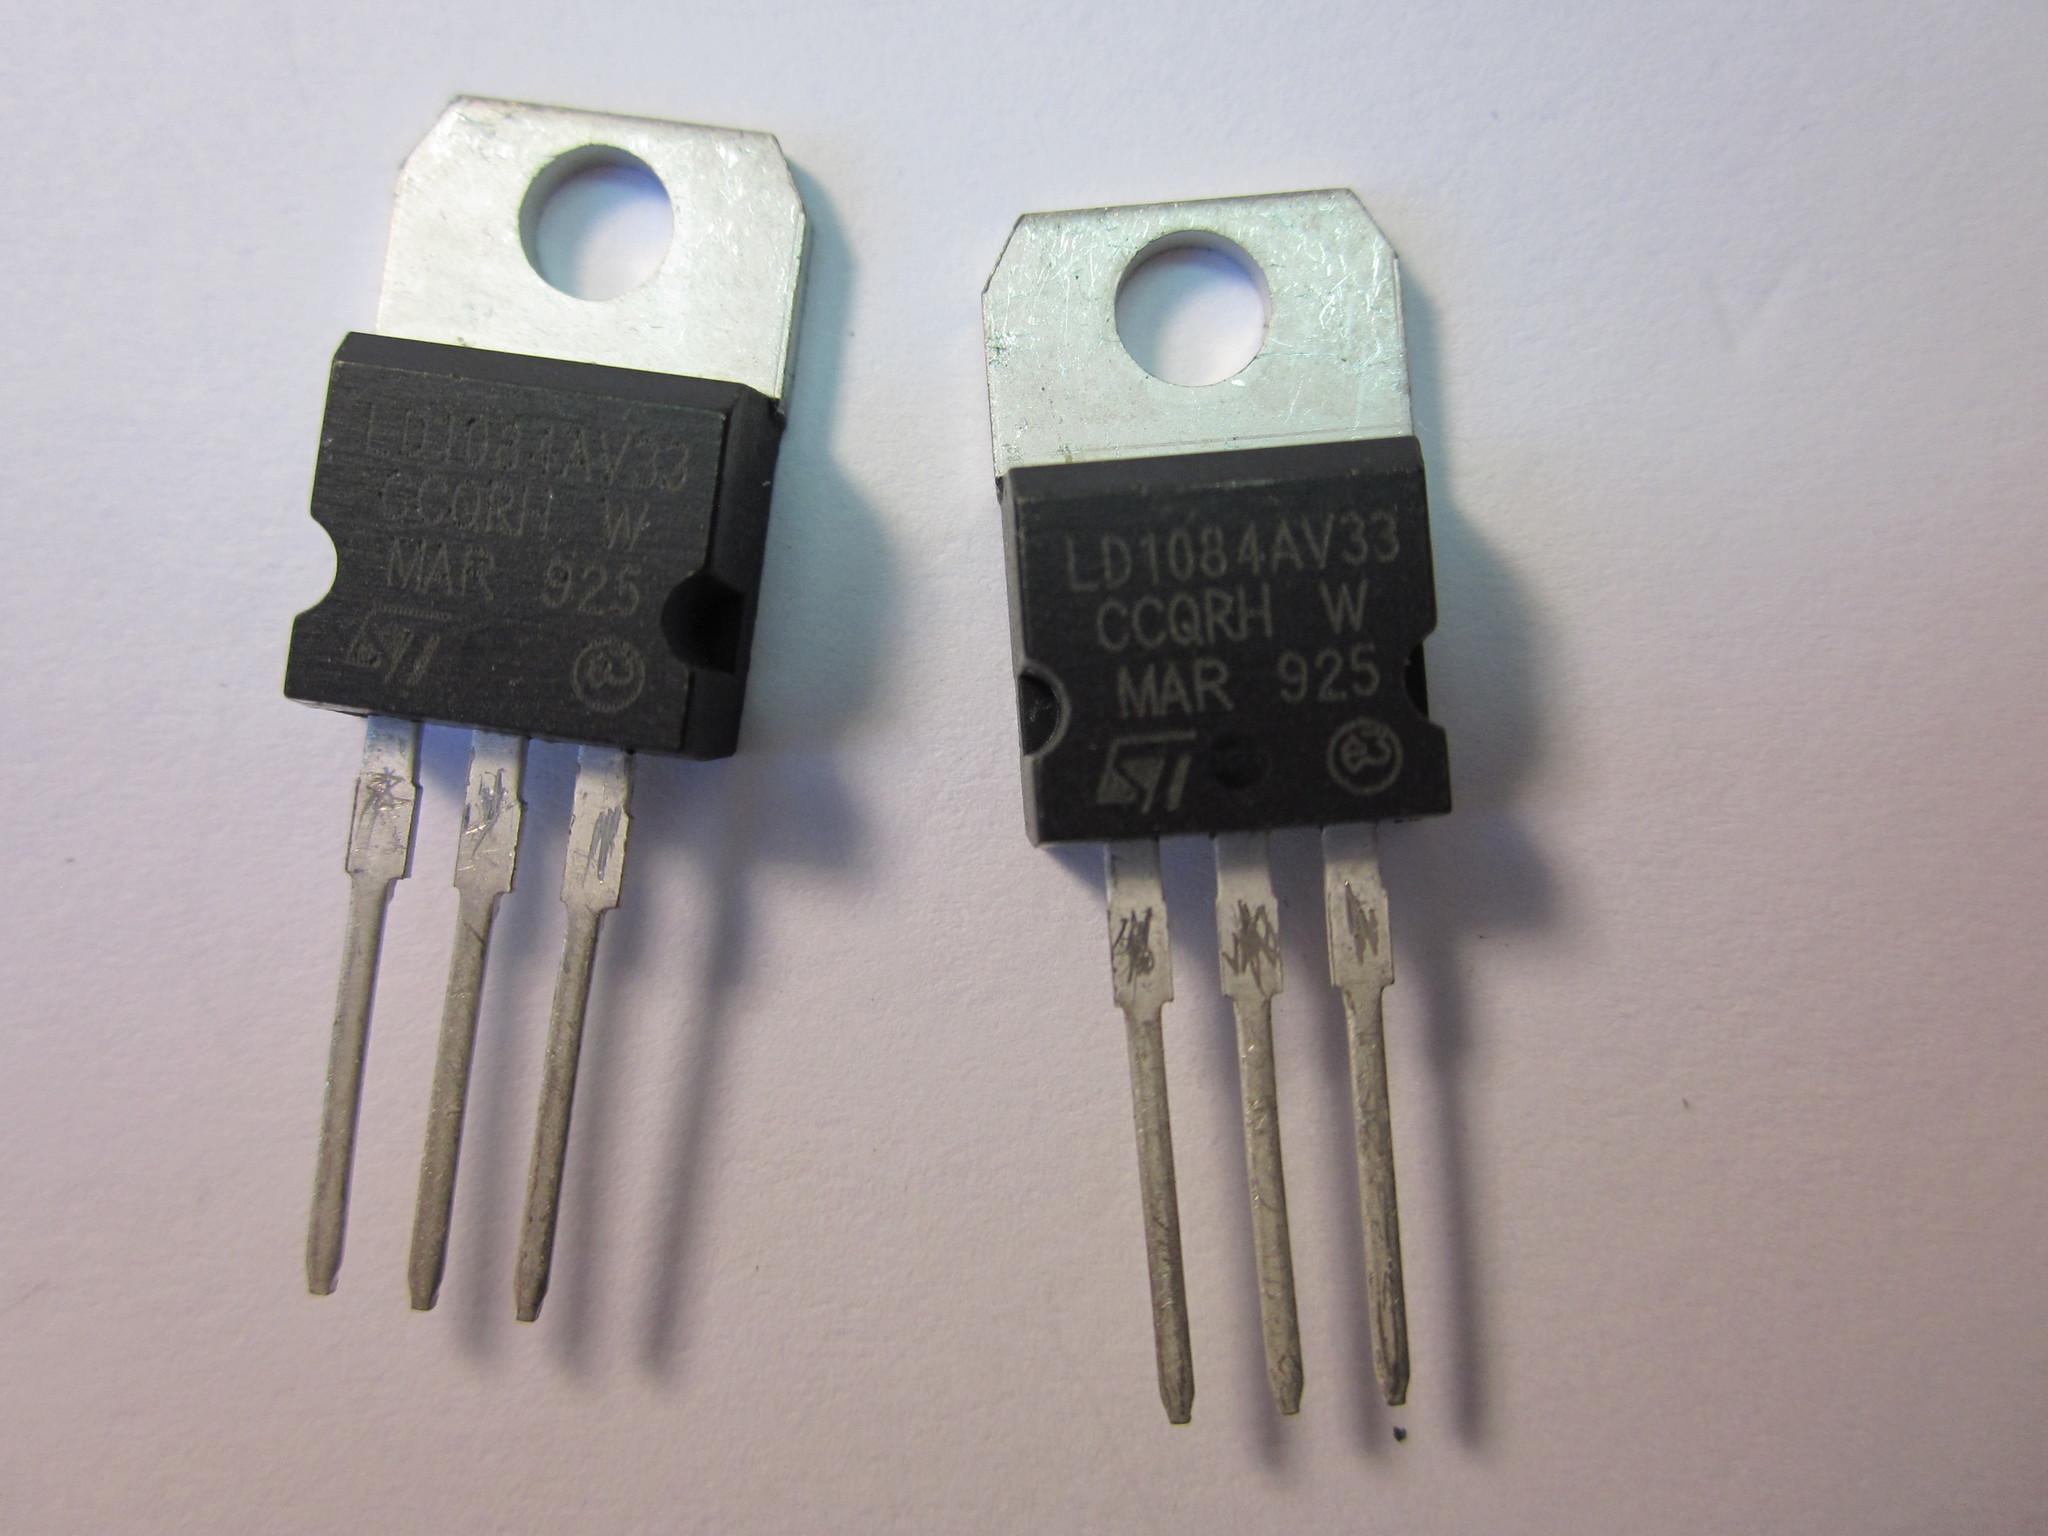 LD1084AV33 T0-220